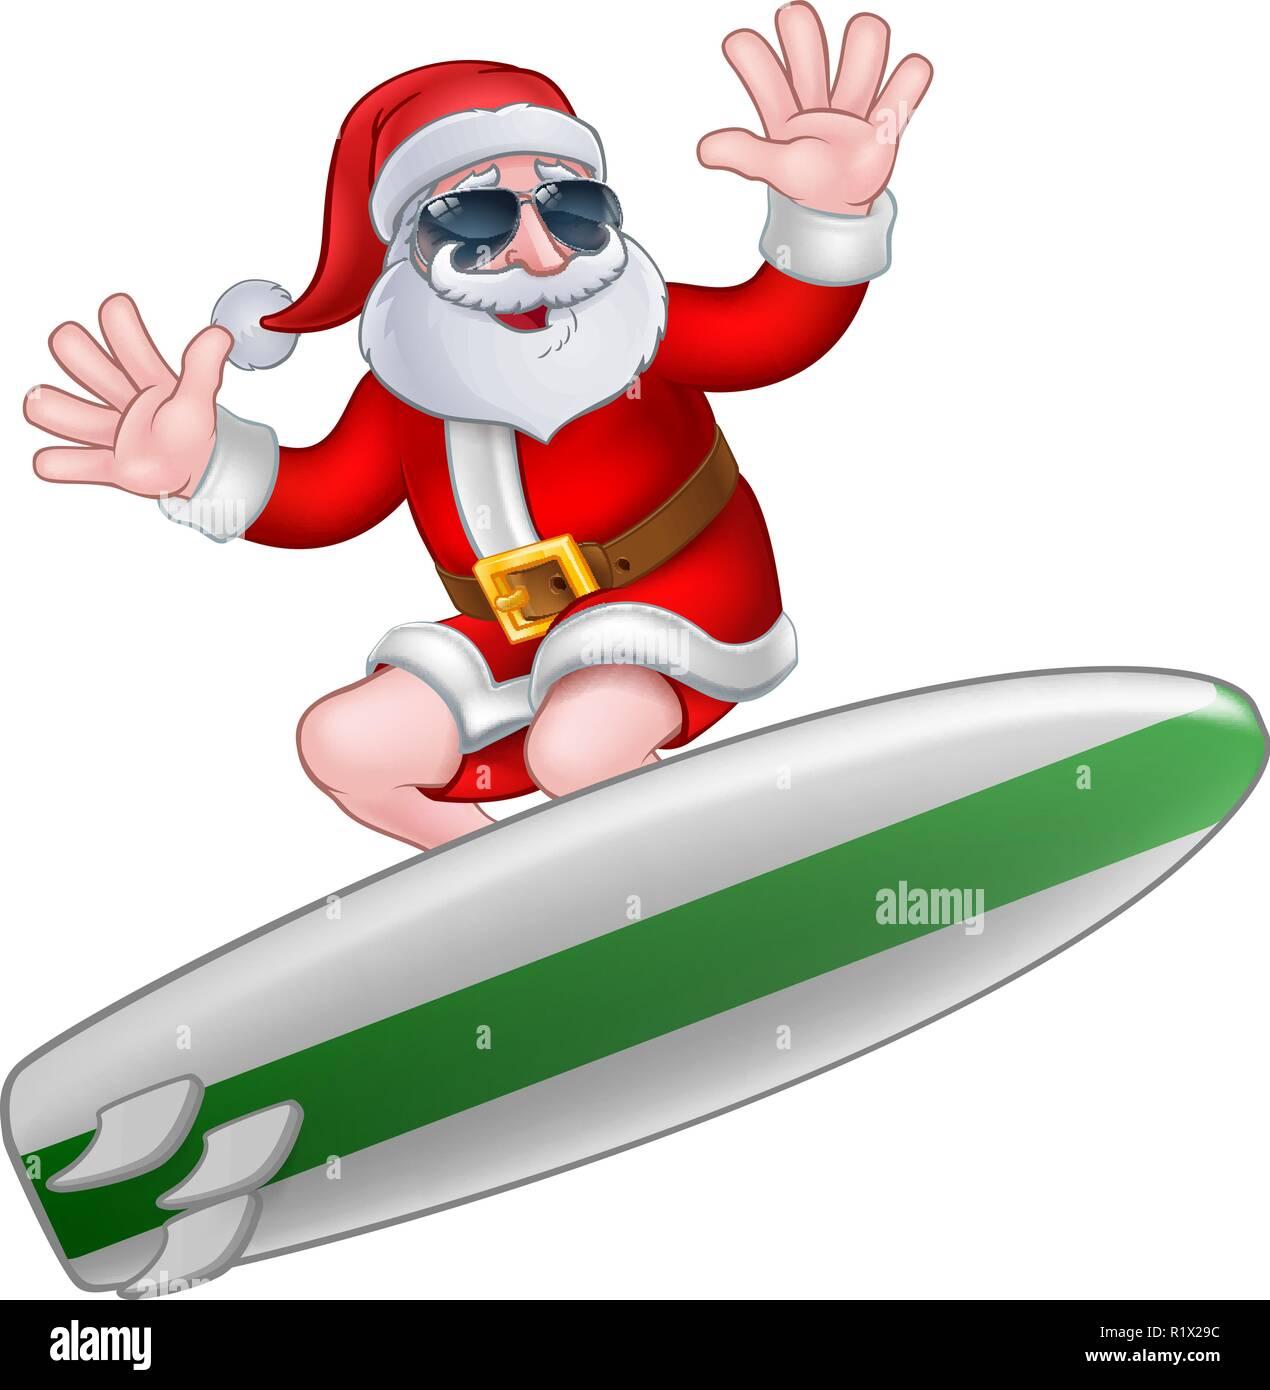 Coole Weihnachten Santa In Den Farben Surfen Vektor Abbildung Bild